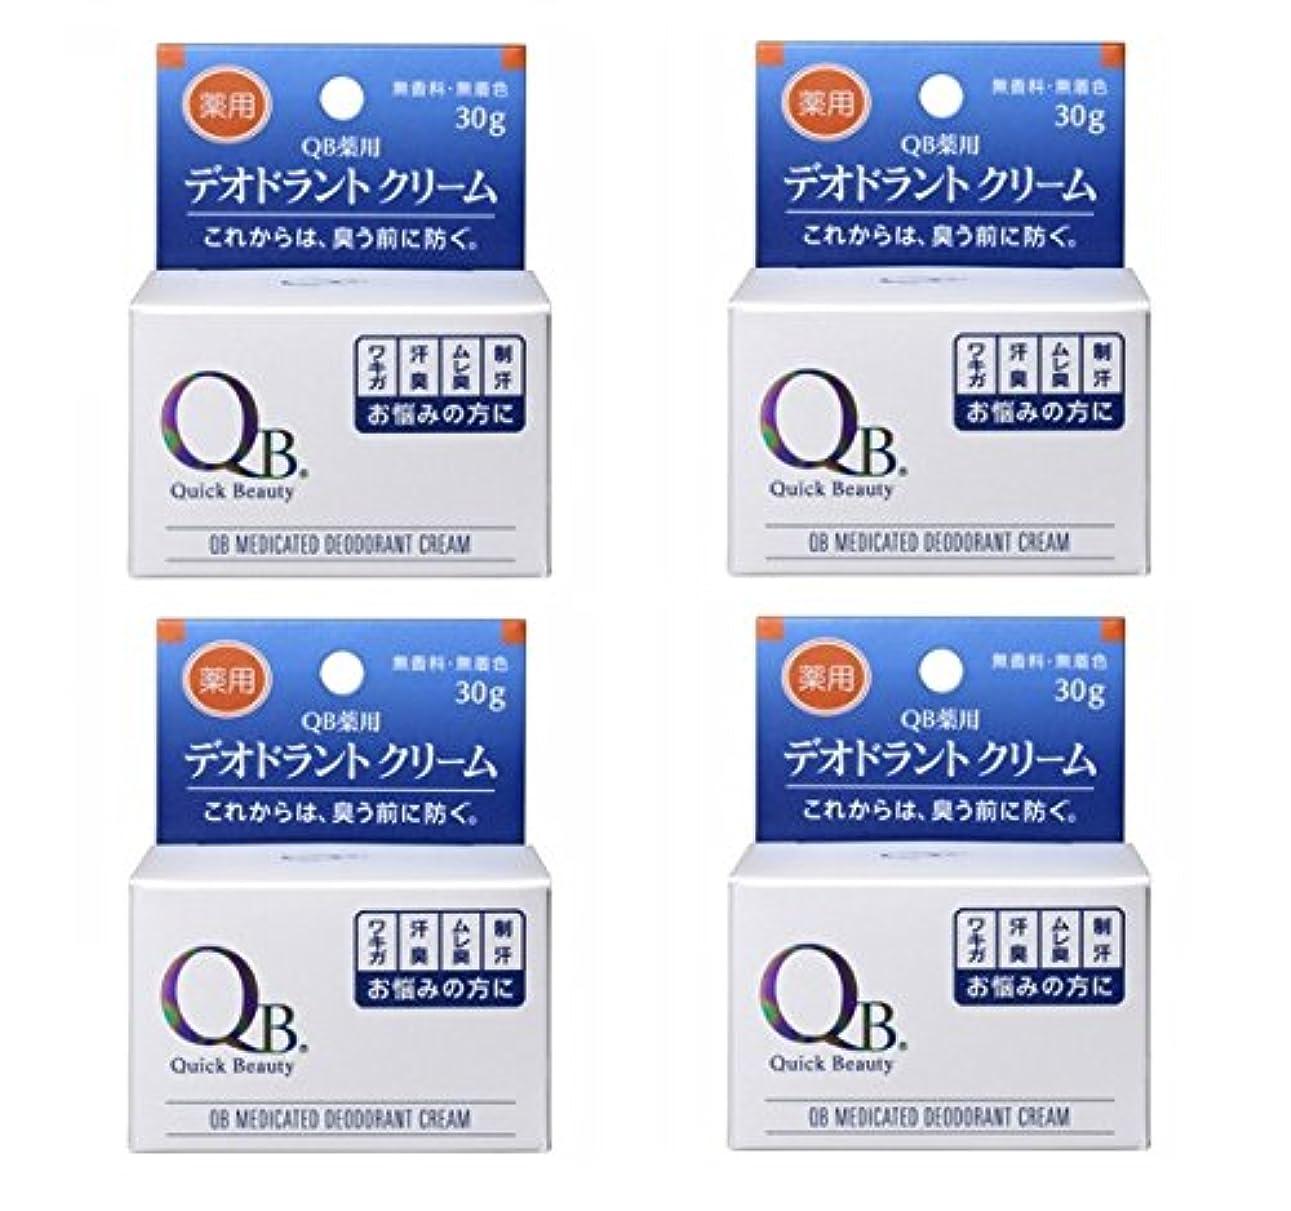 マッサージ近似望ましい【×4個】 QB 薬用デオドラントクリーム 30g 【国内正規品】